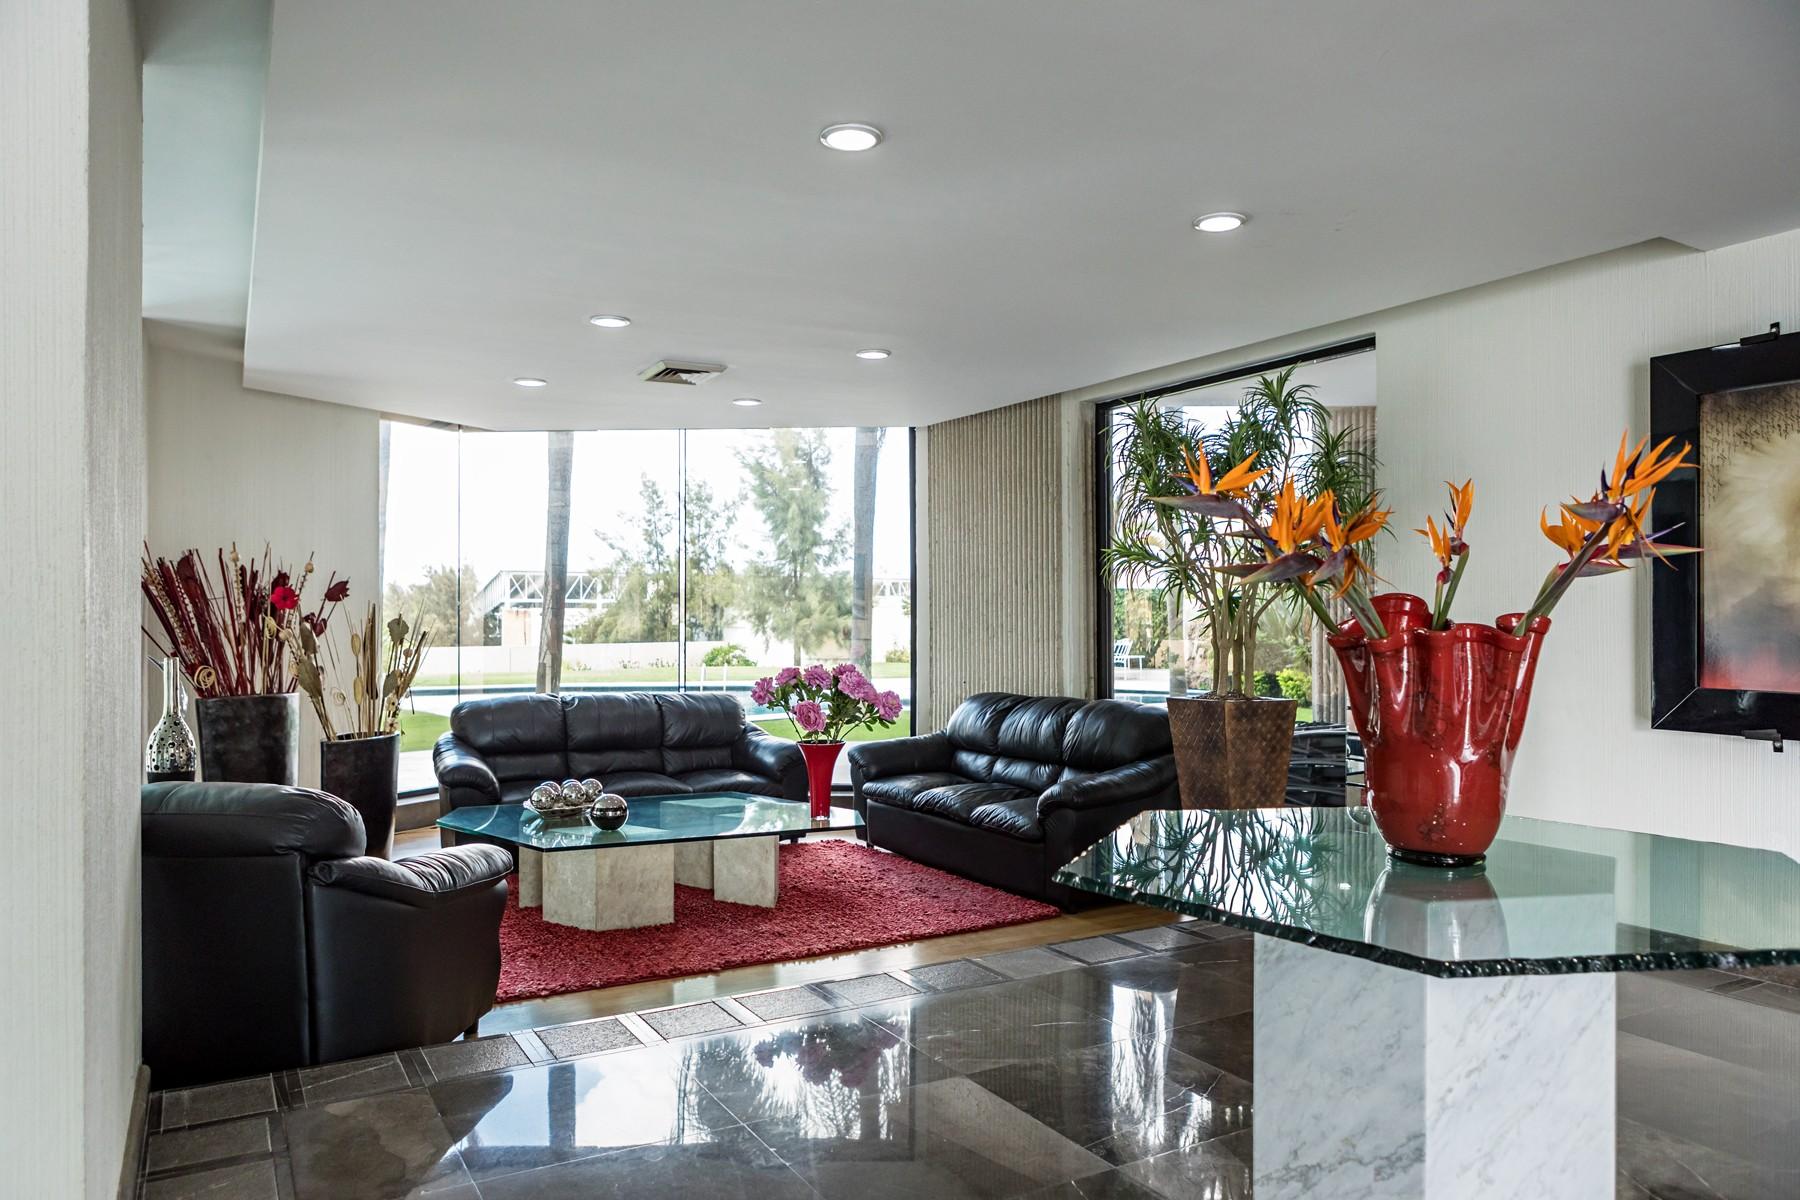 Additional photo for property listing at Departamento de Lujo, Paseo del Edén, Colinas de San Javier, Zapopan Paseo del Edén 2449 Guadalajara, Jalisco 44660 Mexico